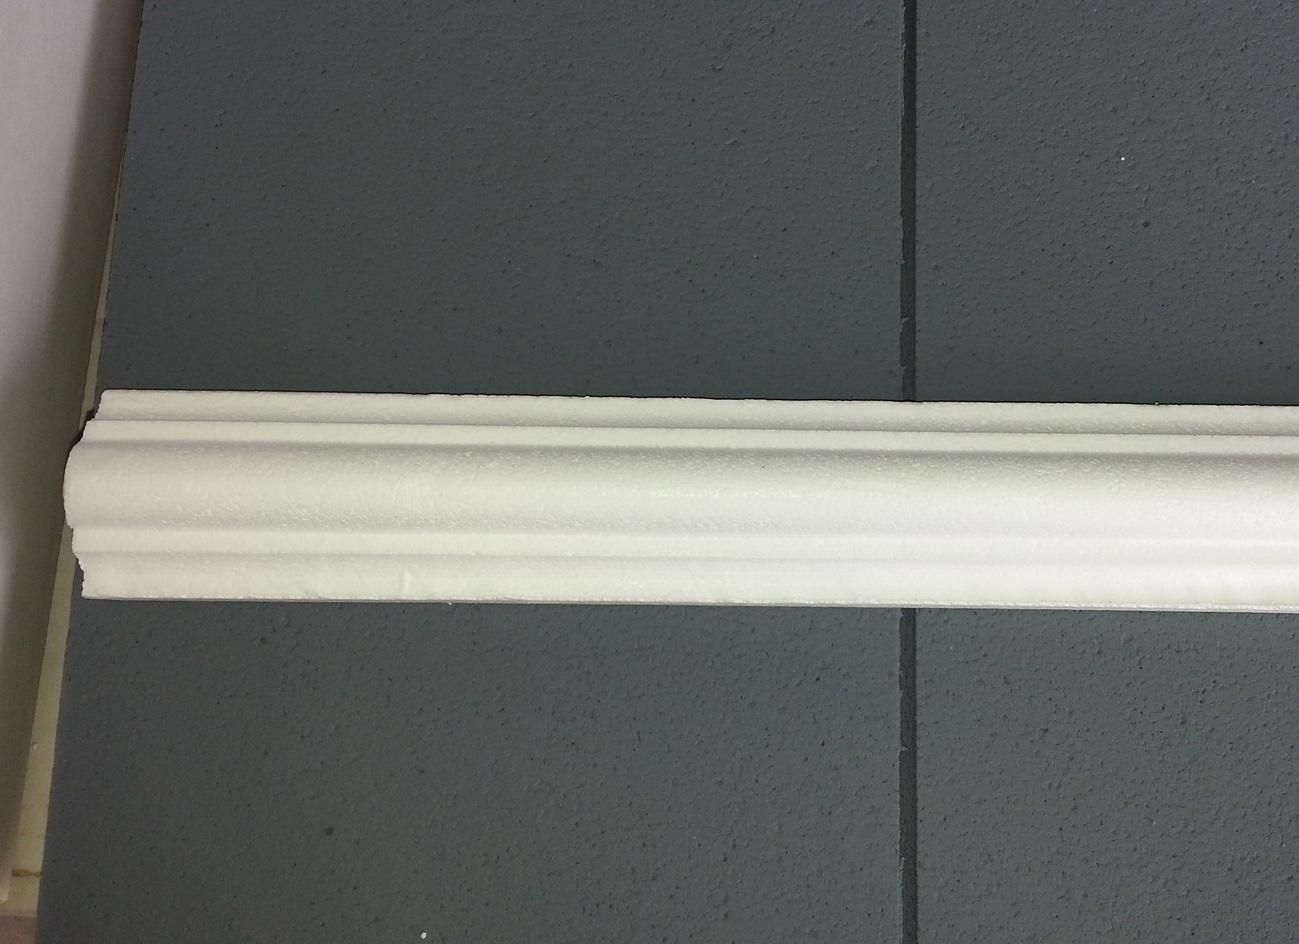 Profilo 6 - Profilo in polistirene stampato bianco